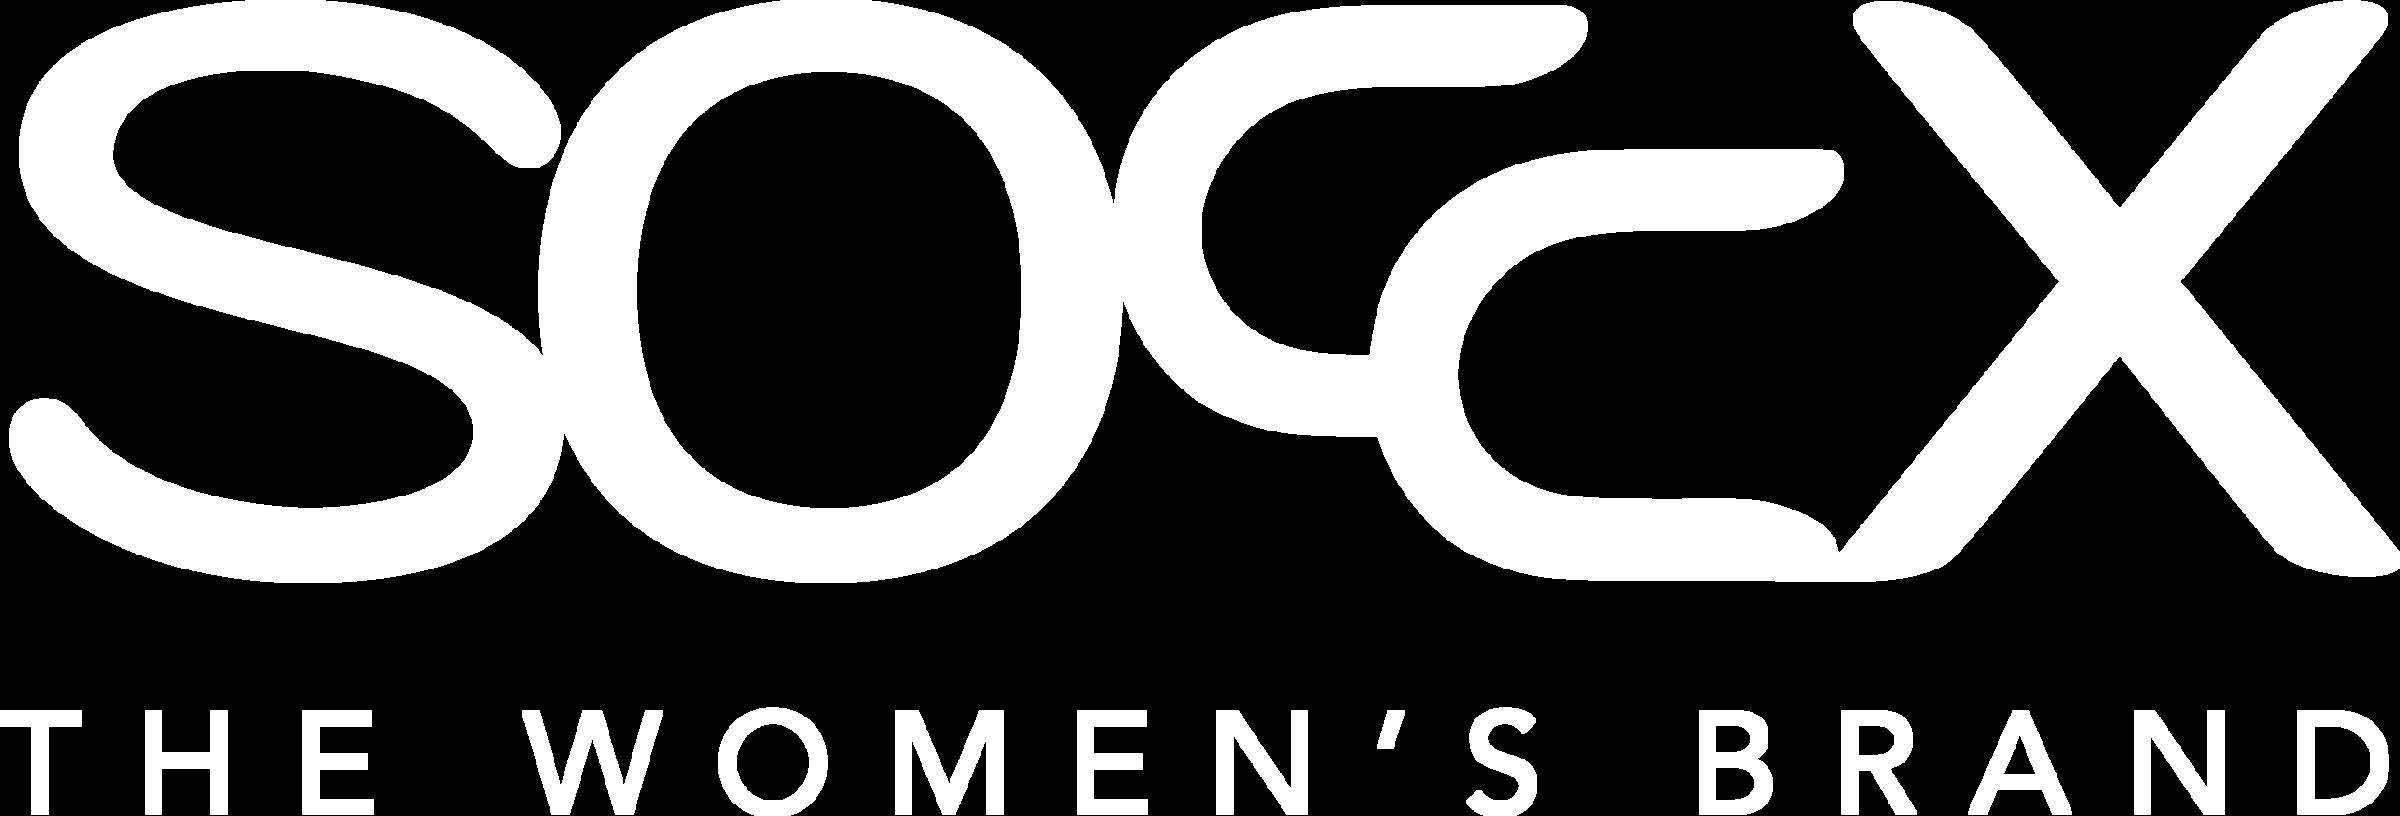 Soccx Logo